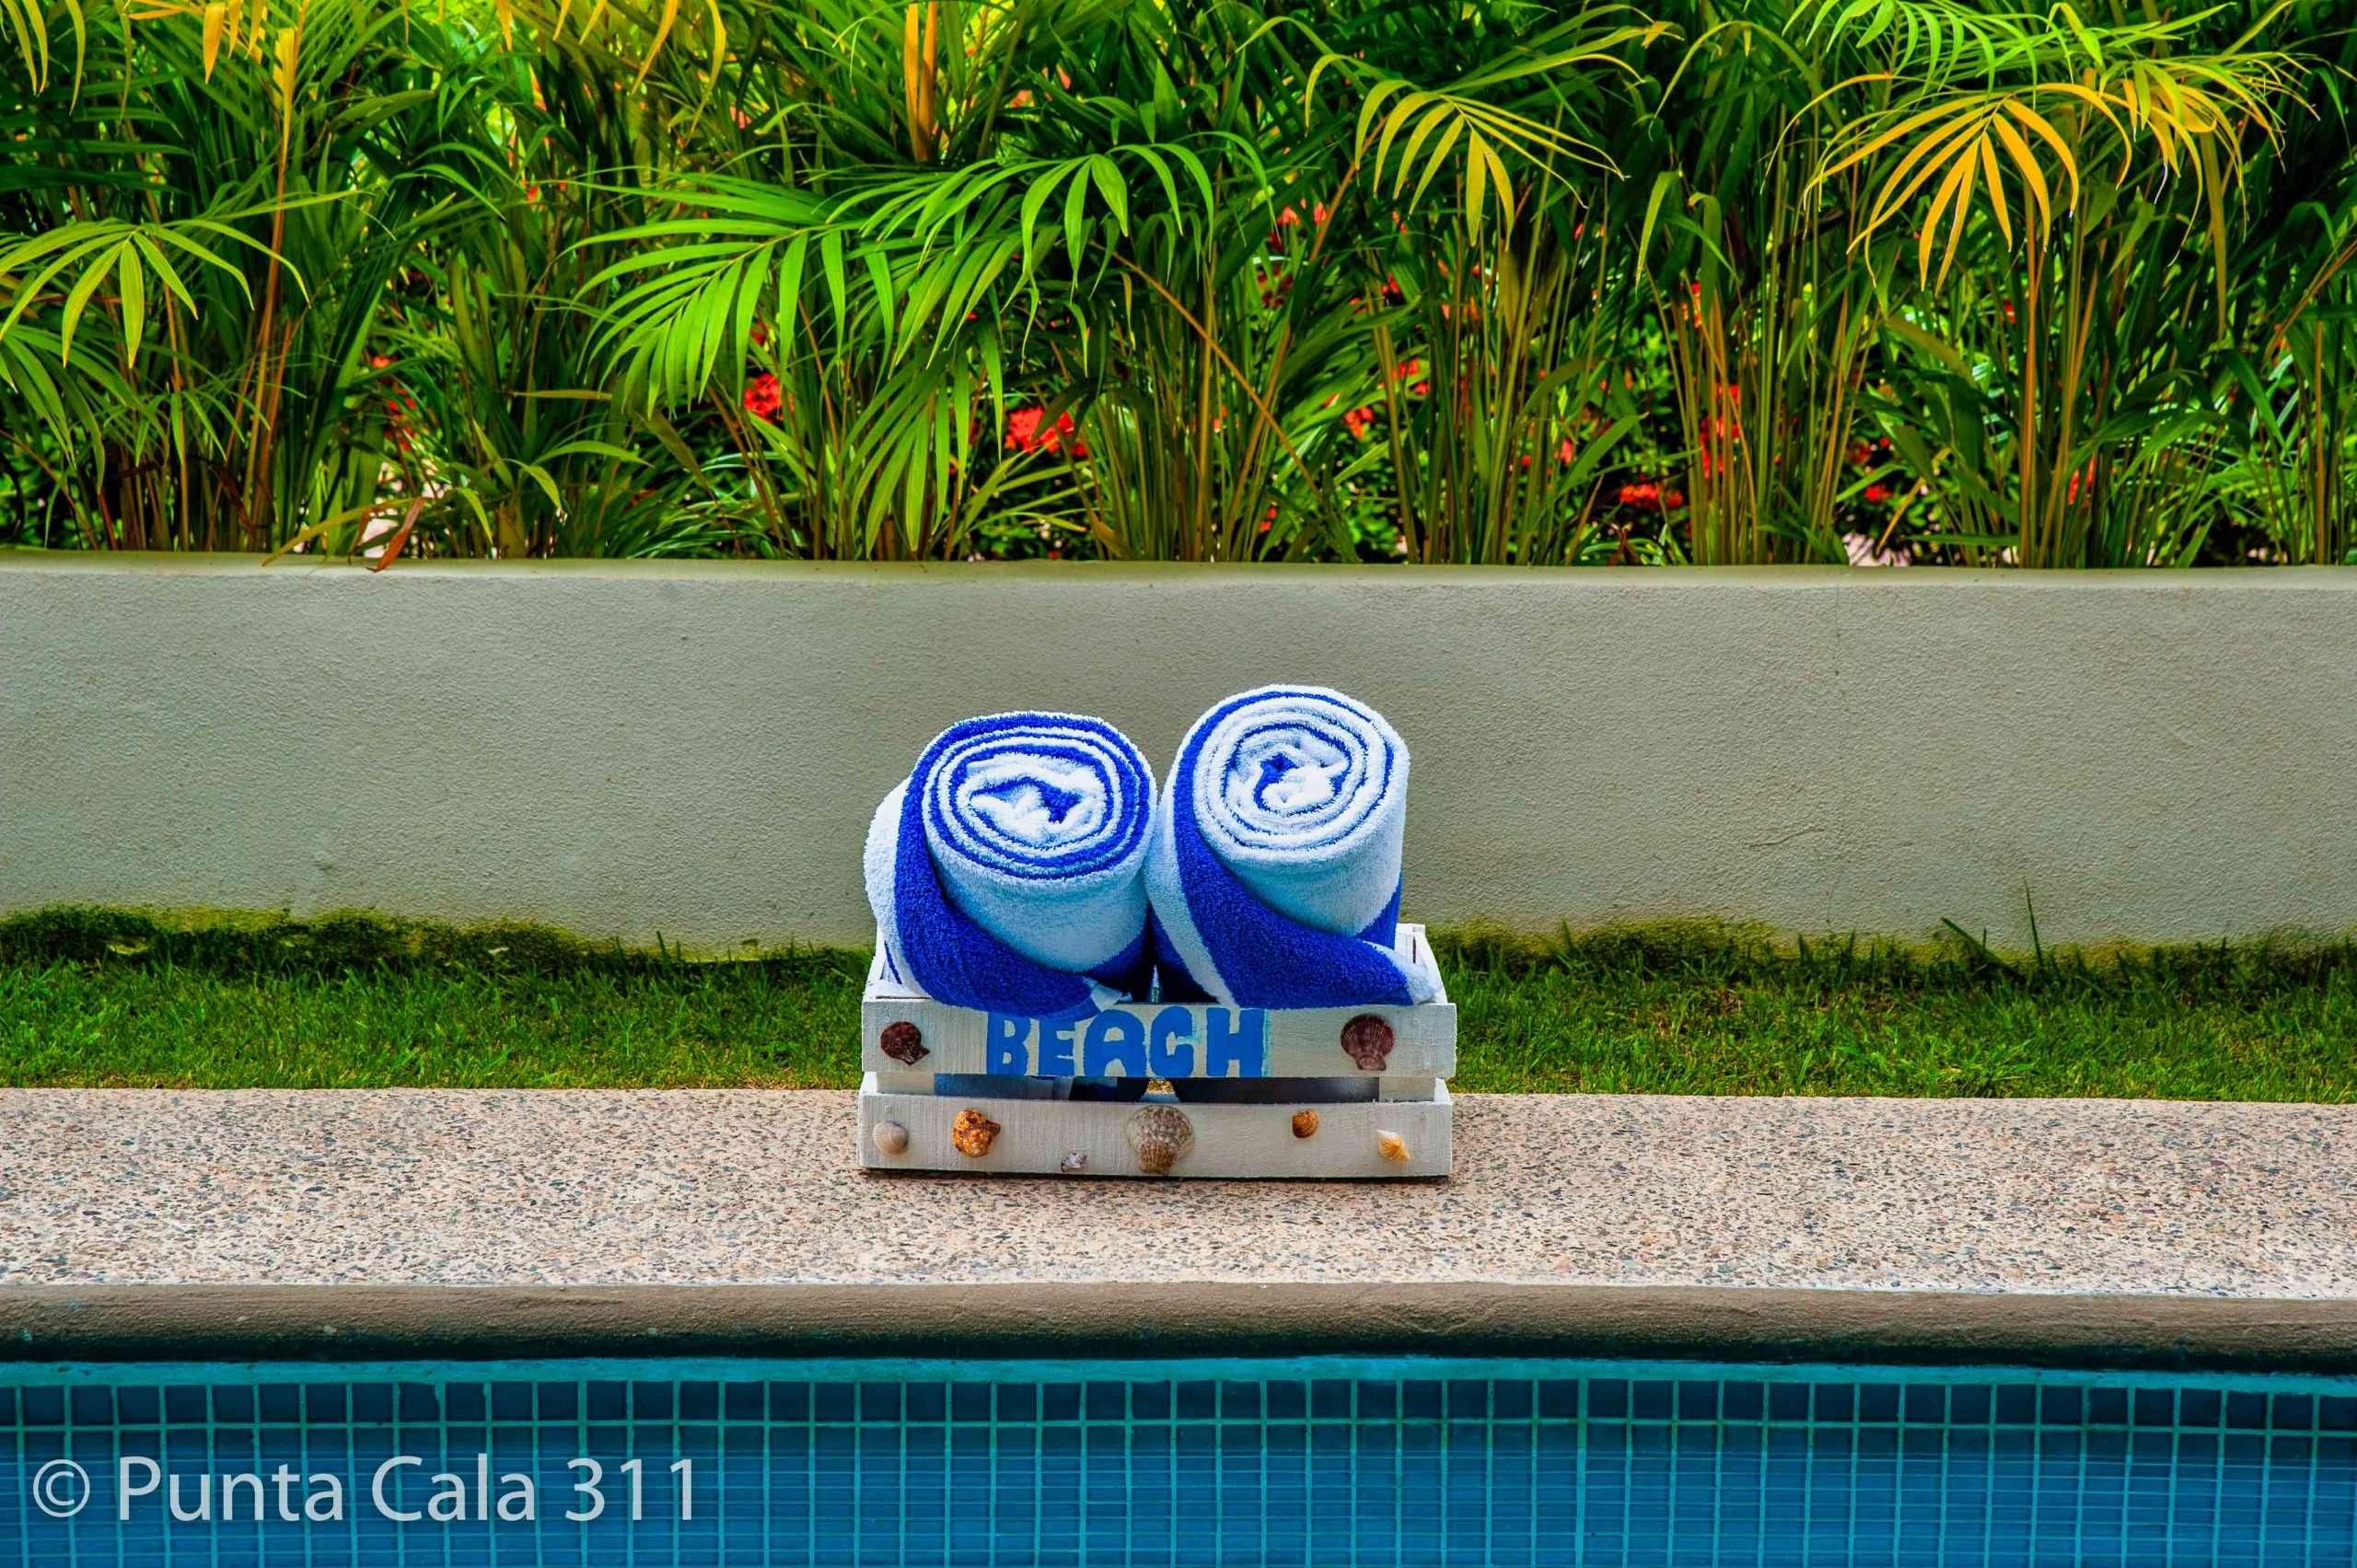 Punta Cala 311